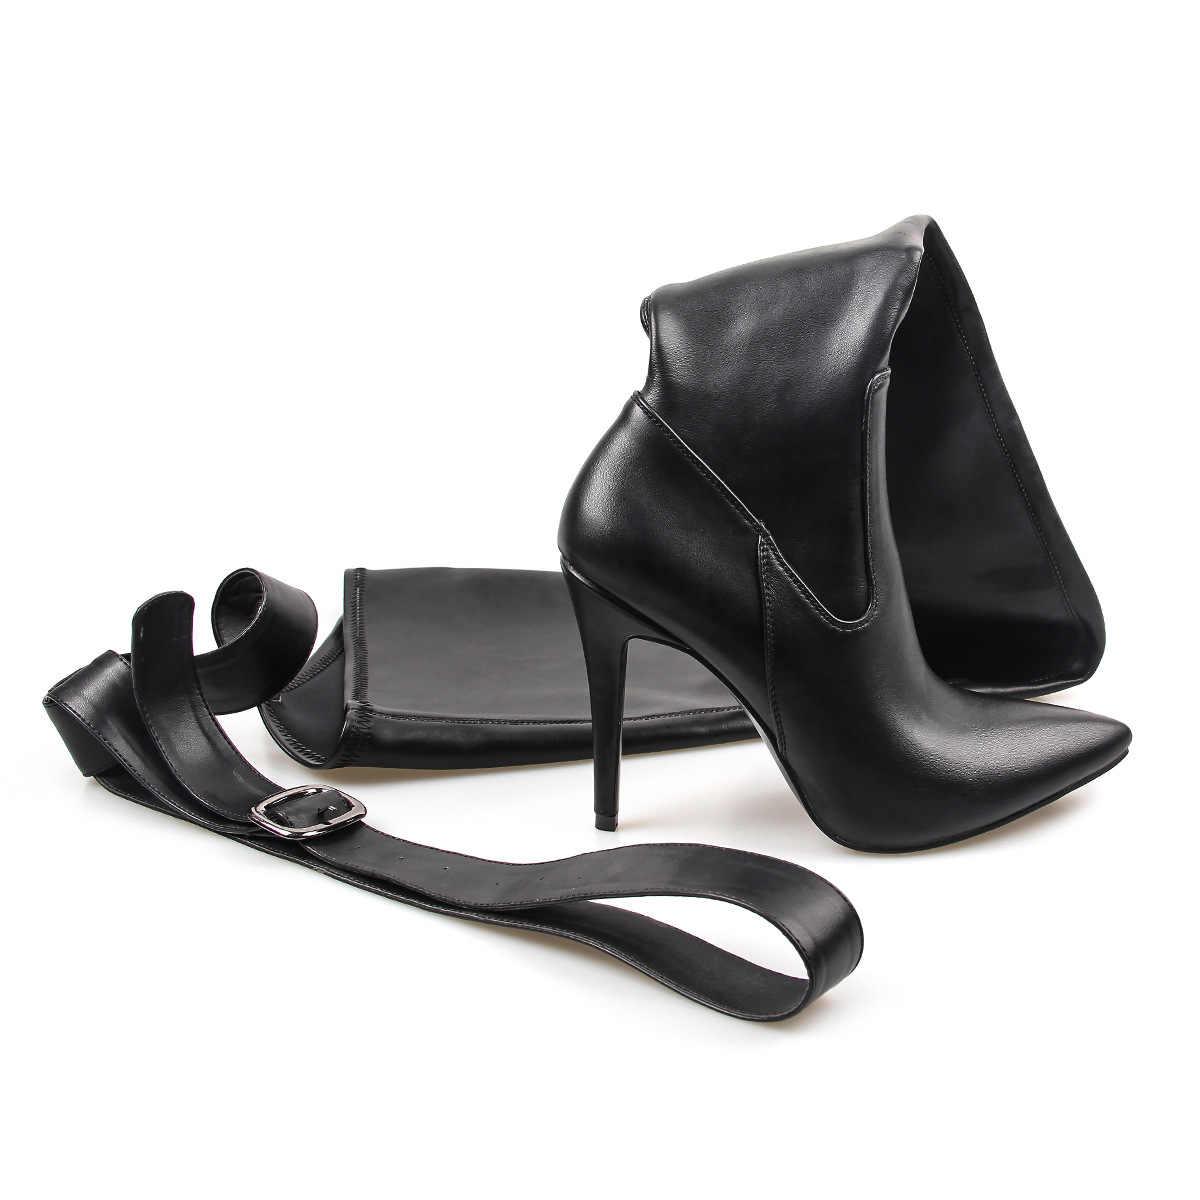 2019 Mới Phụ Nữ Trên Đầu Gối Giày PU Quá Đầu Gối Cổ Cao Boot Rihanna Phong Cách Giày Nữ 10cm giày cao Gót Giày Mũi Nhọn